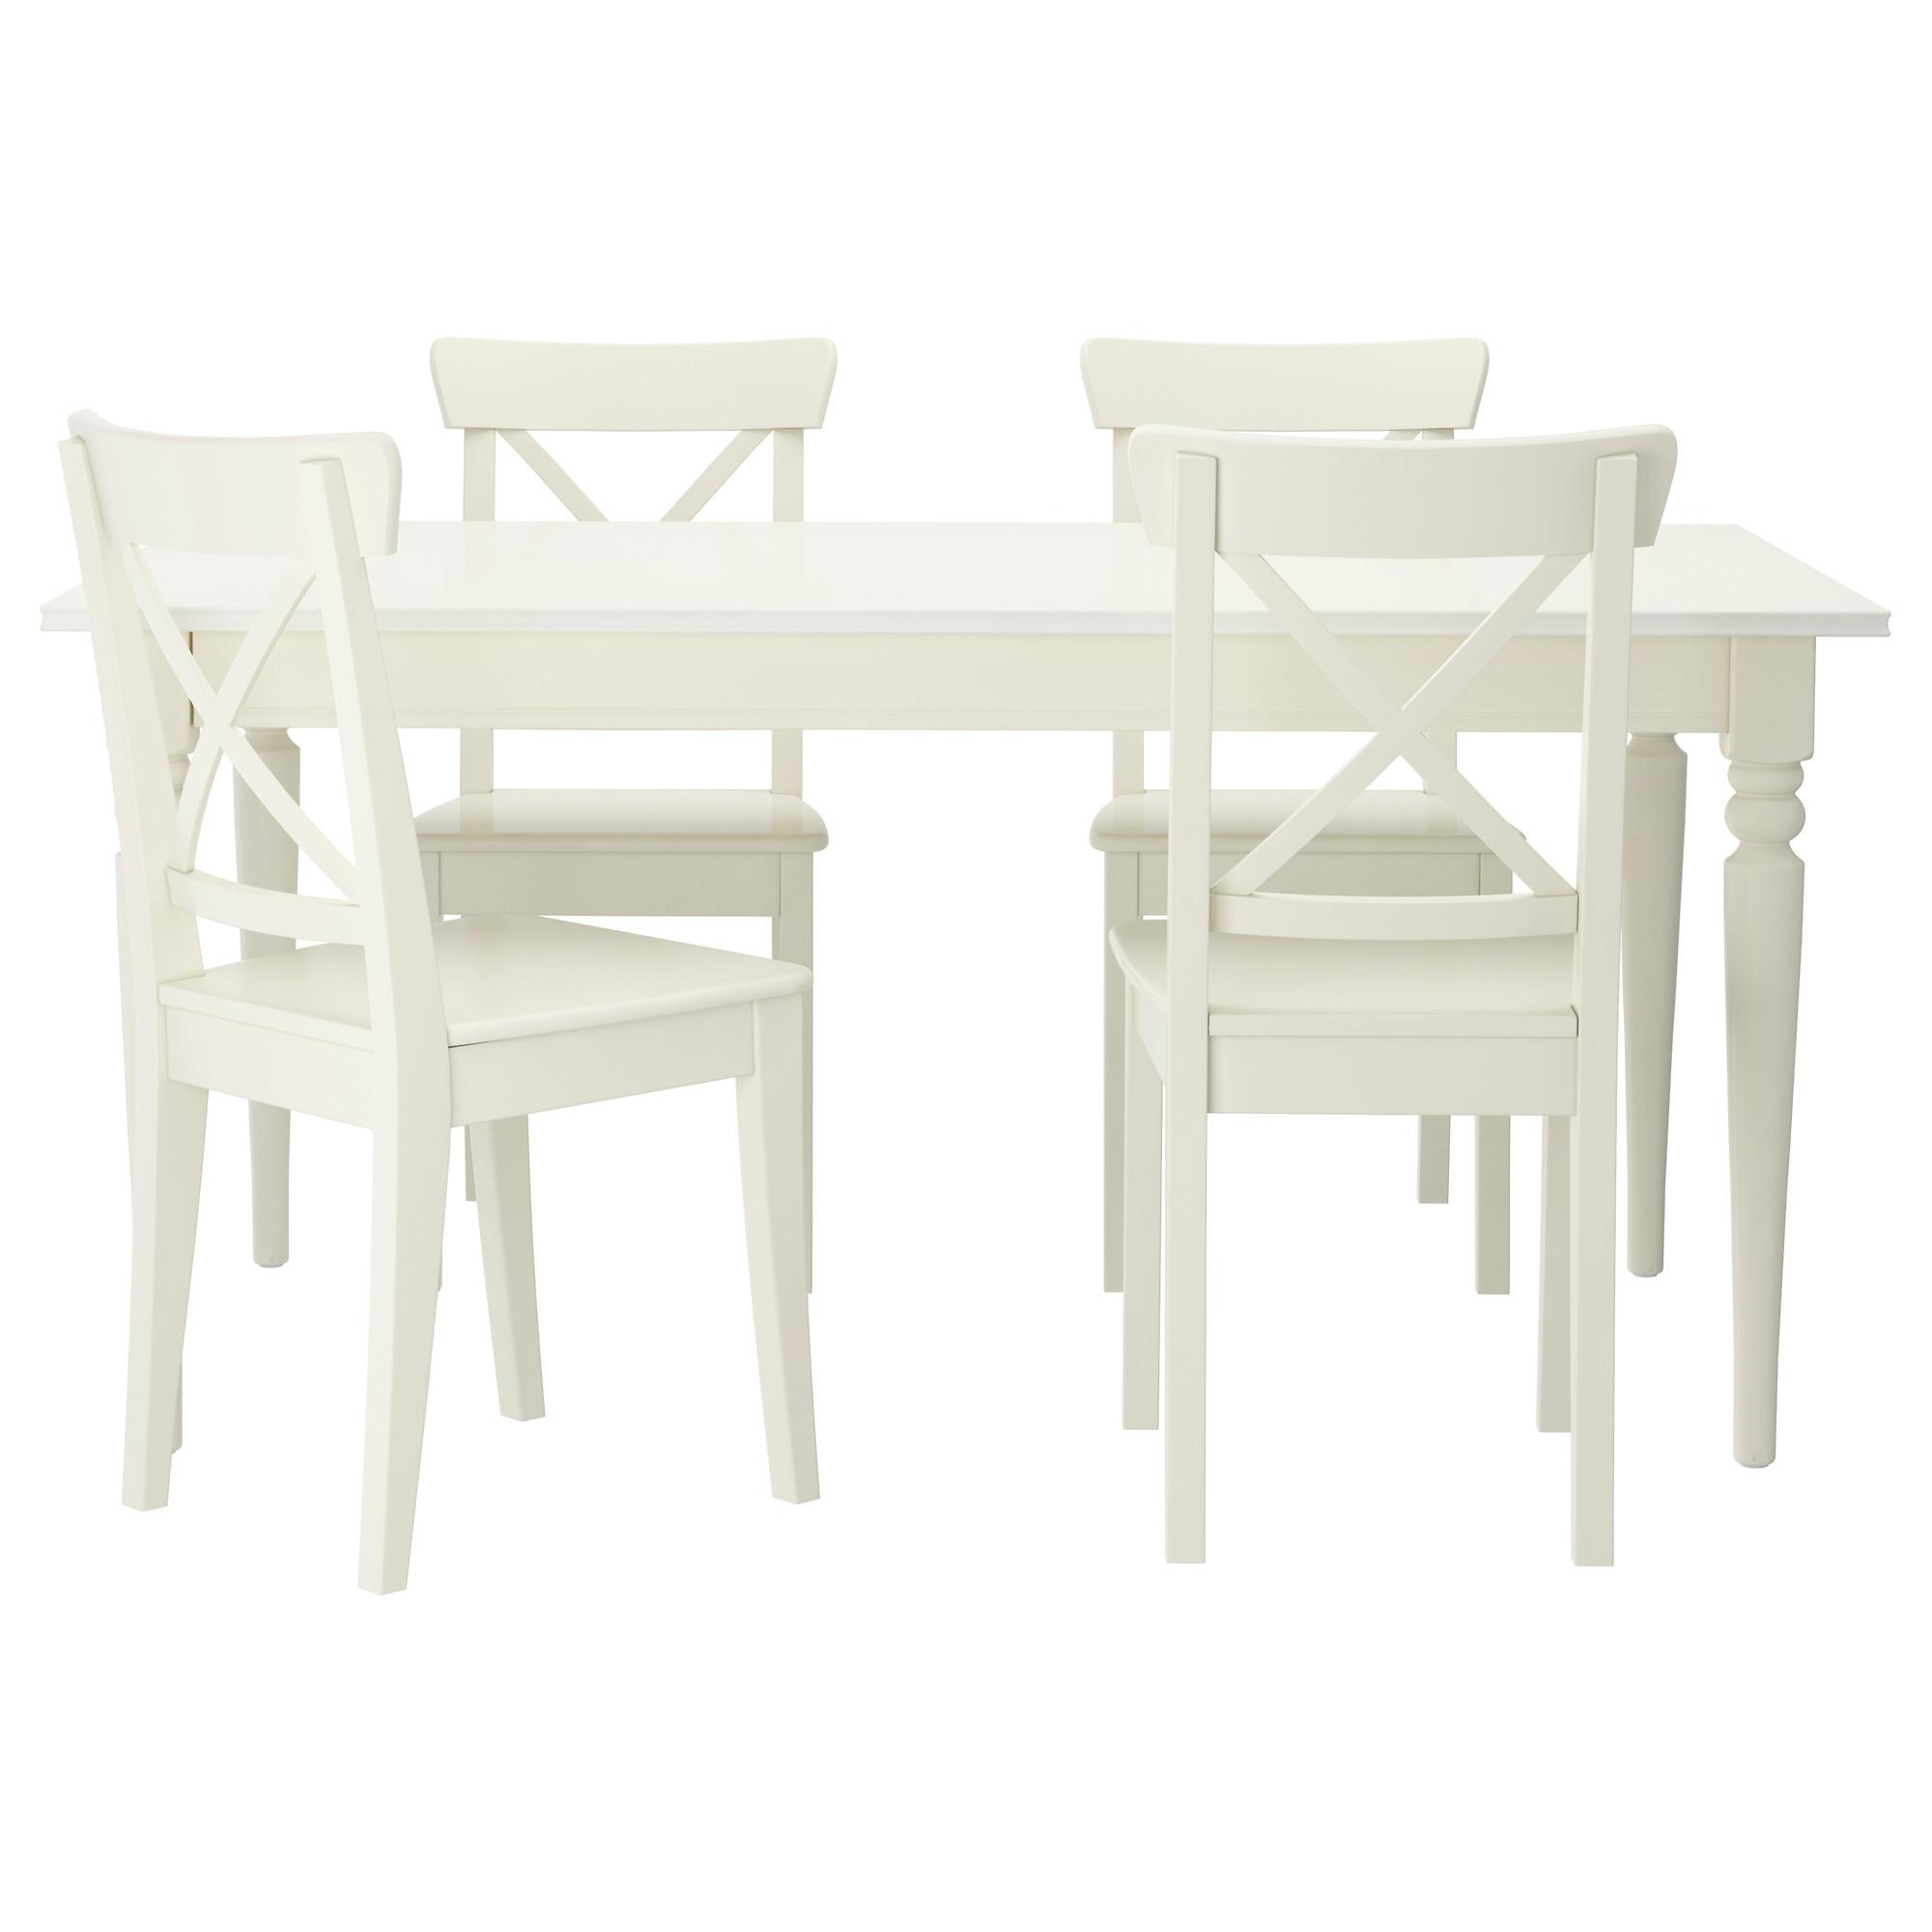 Mesas De Dibujo Tecnico Ikea. Free Perfect Mesa Cocina Plegable ...